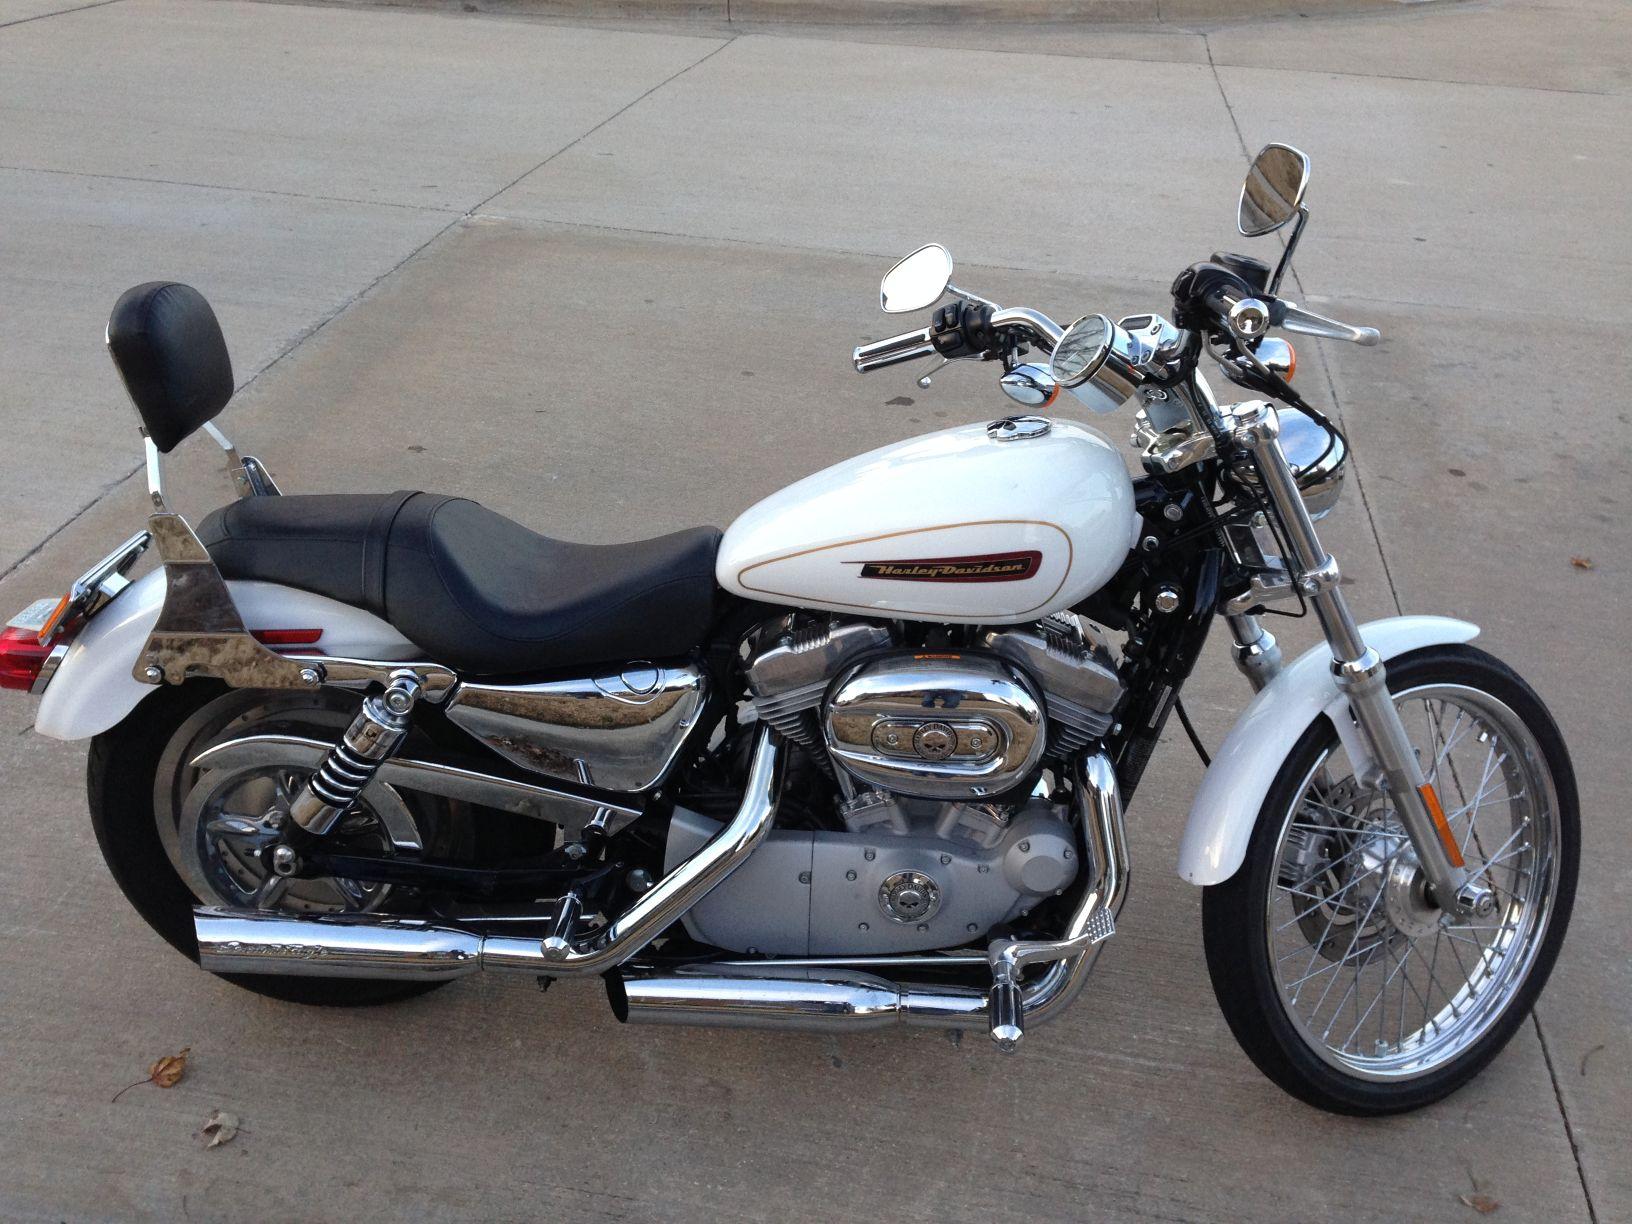 Harley Davidson Willie G Parts Ebay - Modern Home Revolution